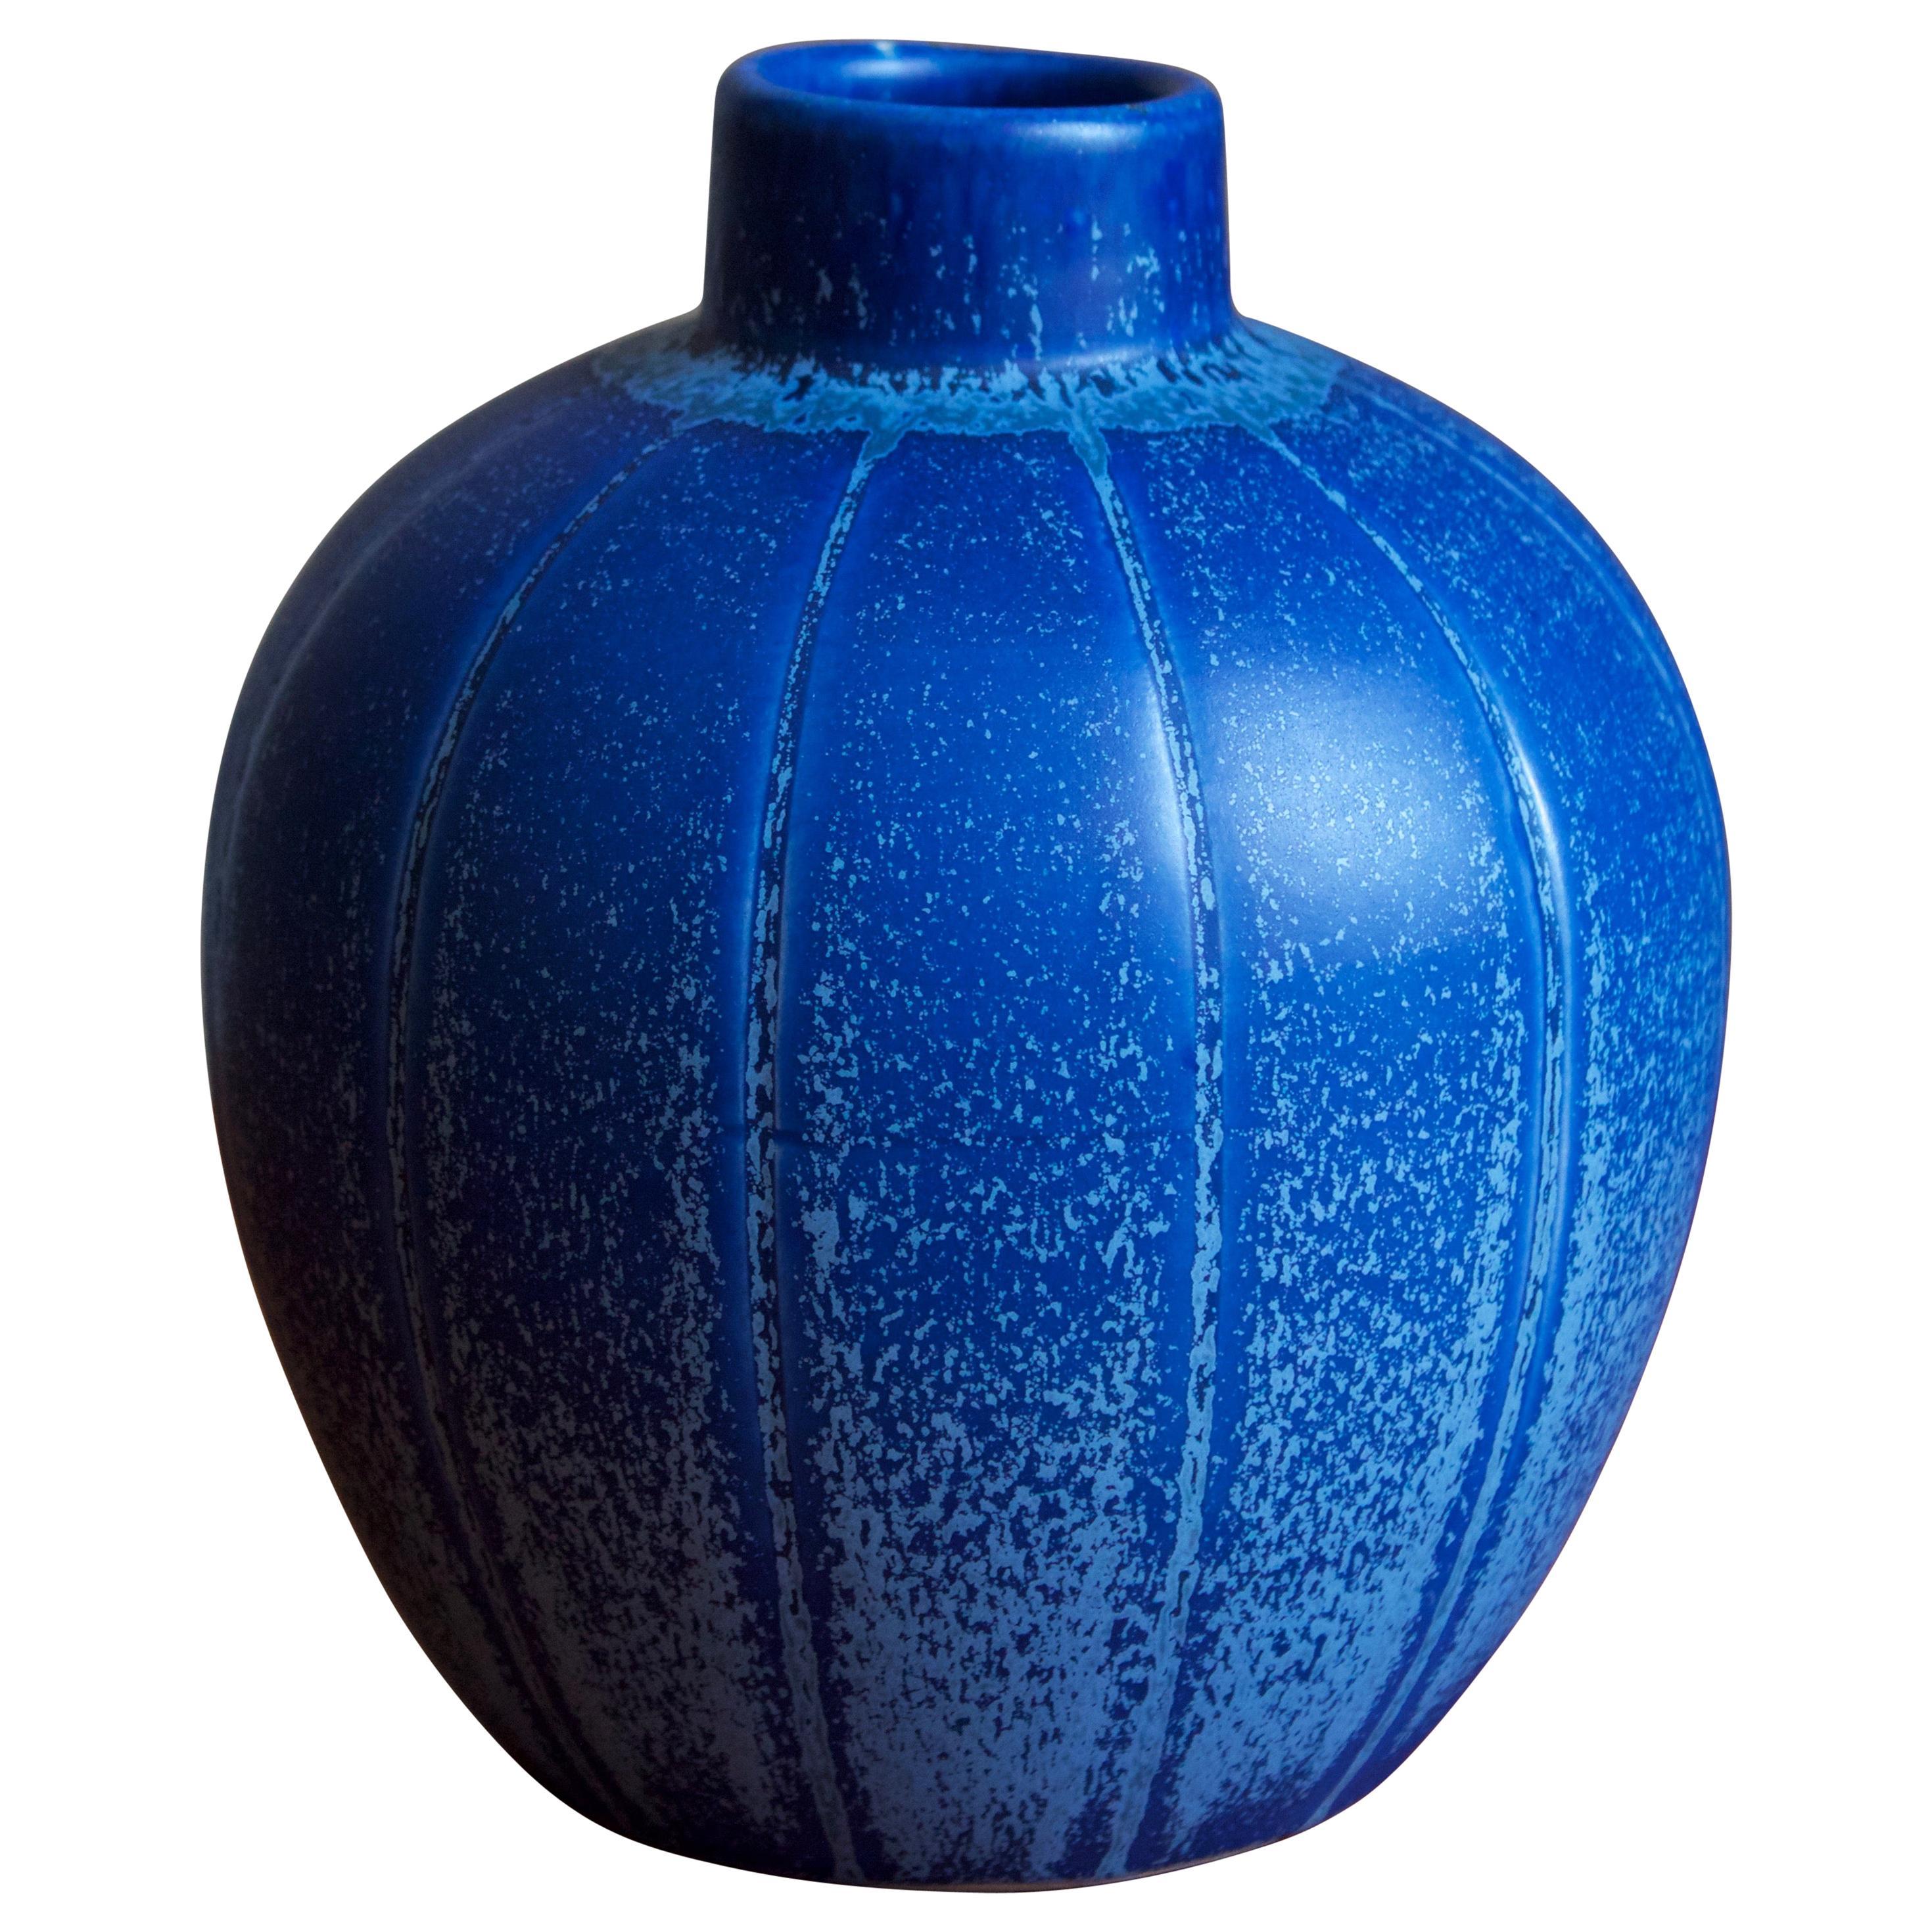 Eva Jancke Björk, Vase, Blue Glaze Stoneware, for Bo Fajans, Sweden, 1948